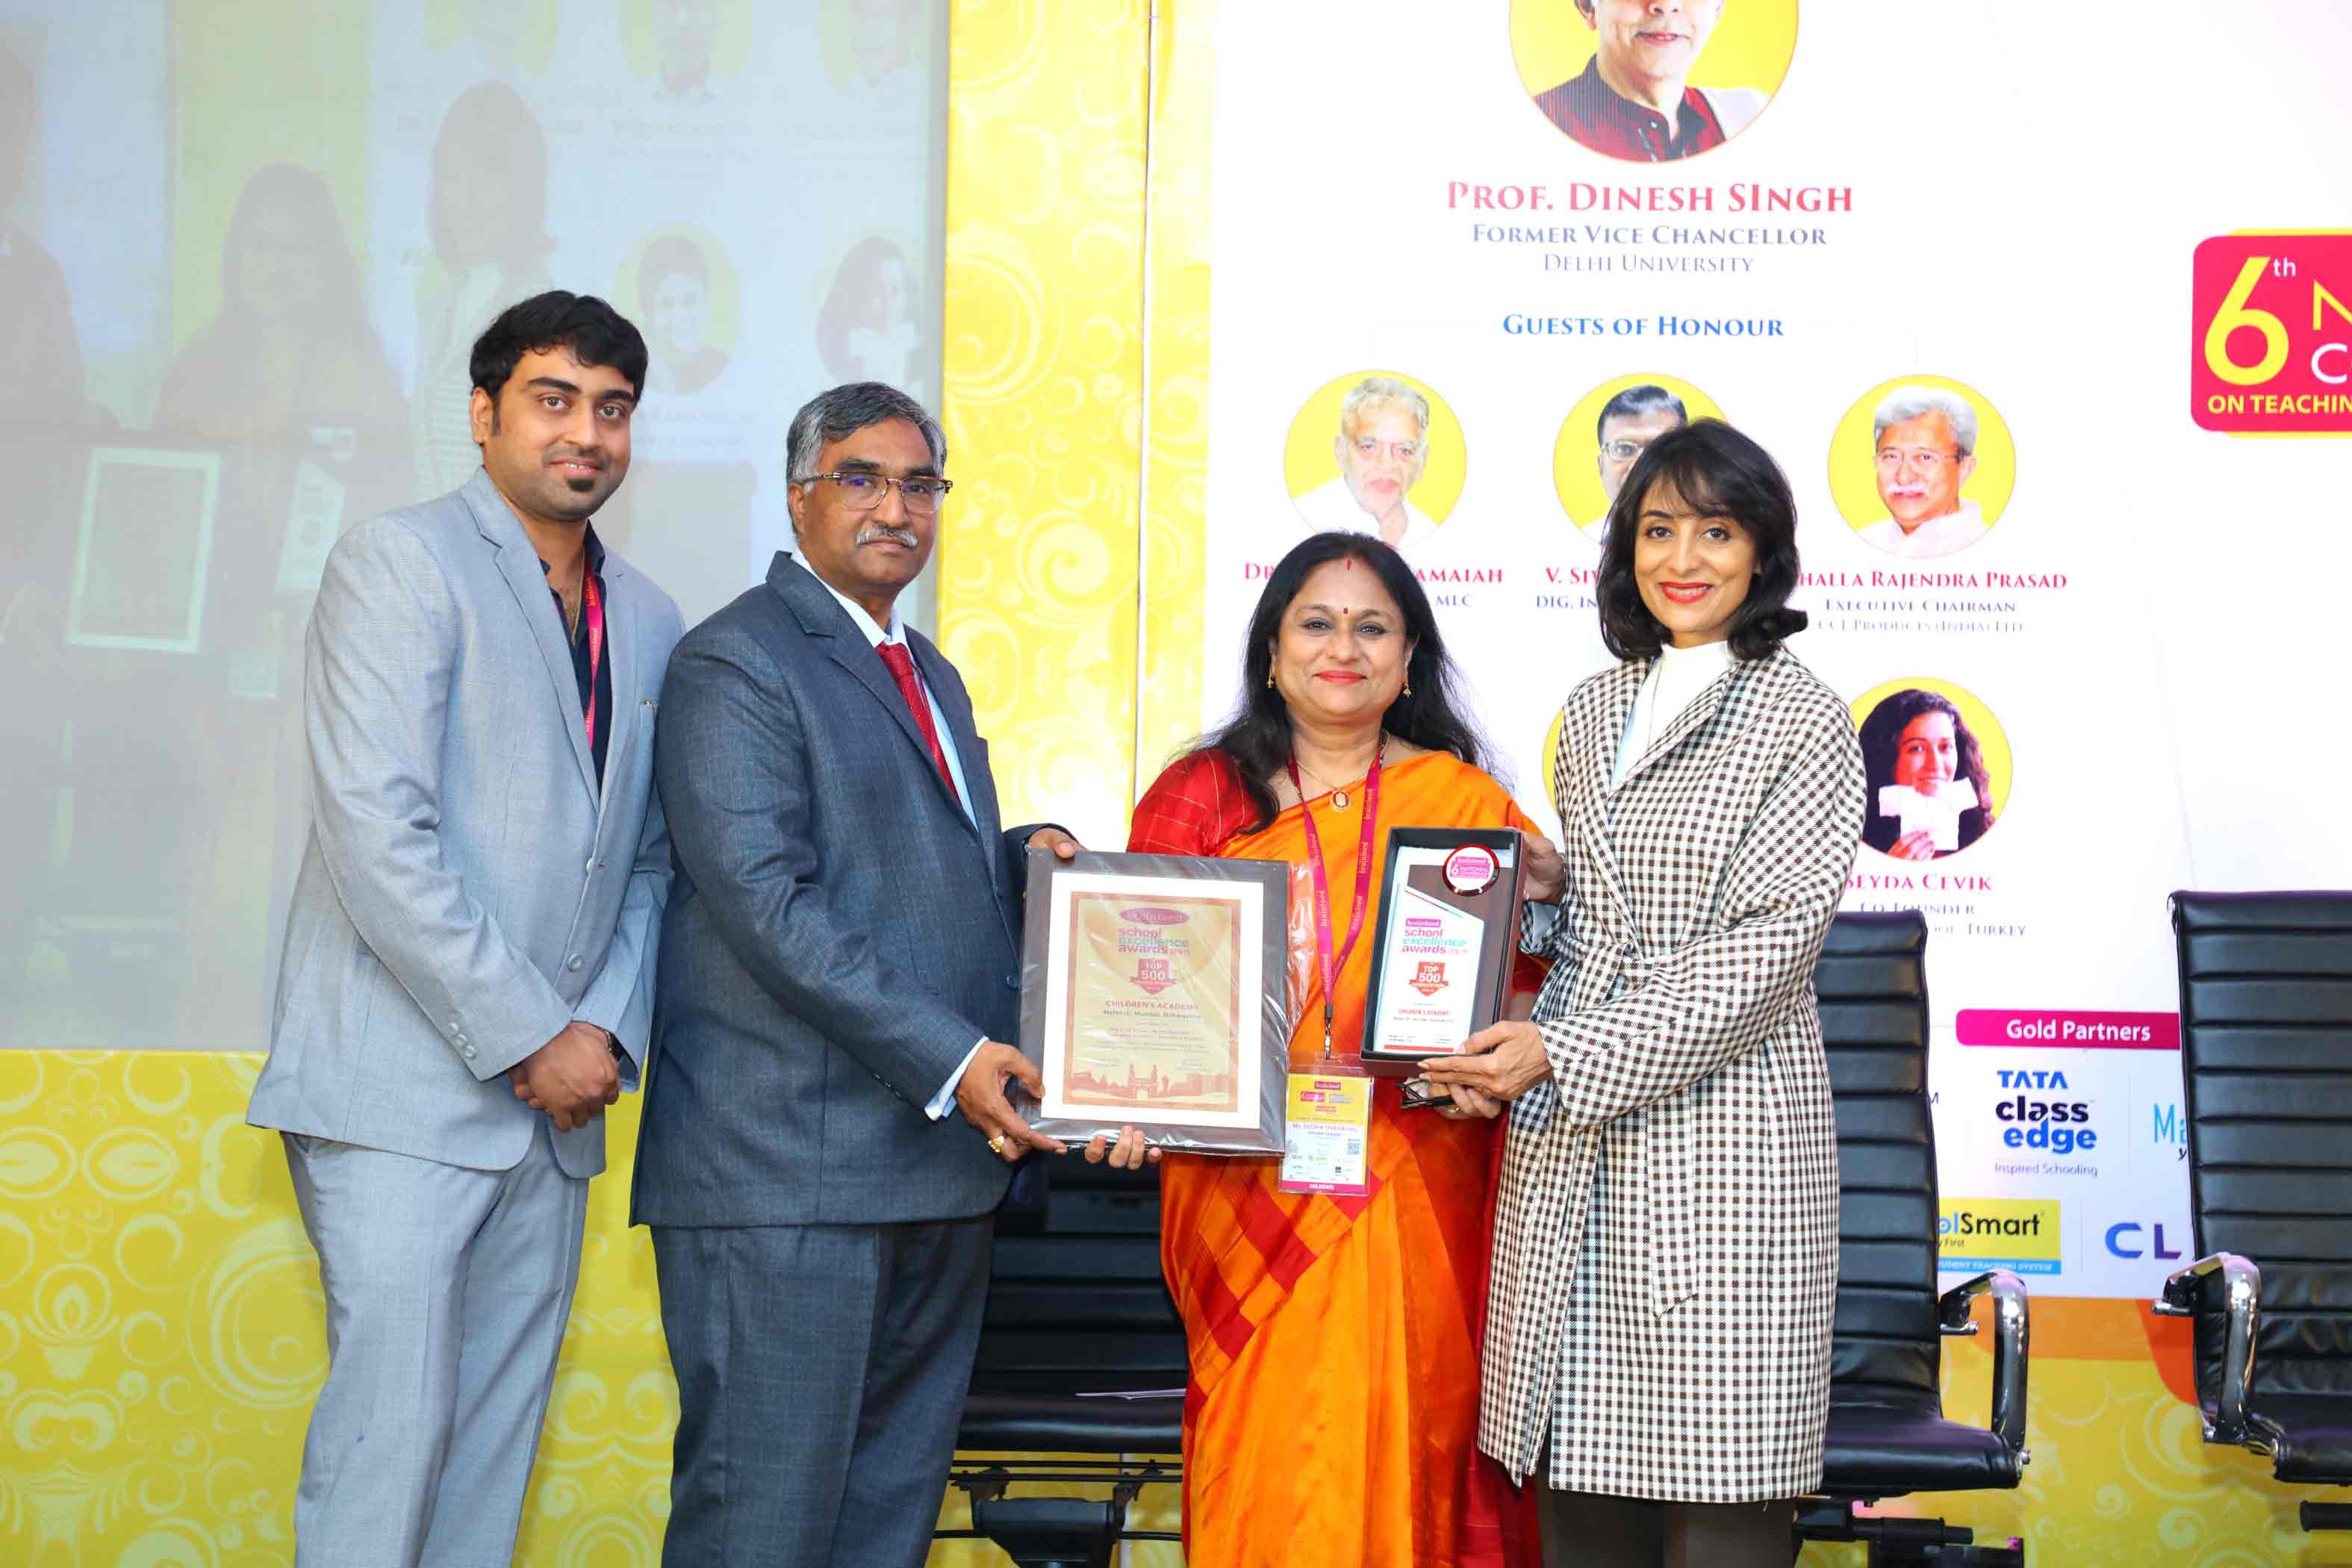 Childrens-Academy,-Malad-(W),-Mumbai,-Maharashtra-(1)